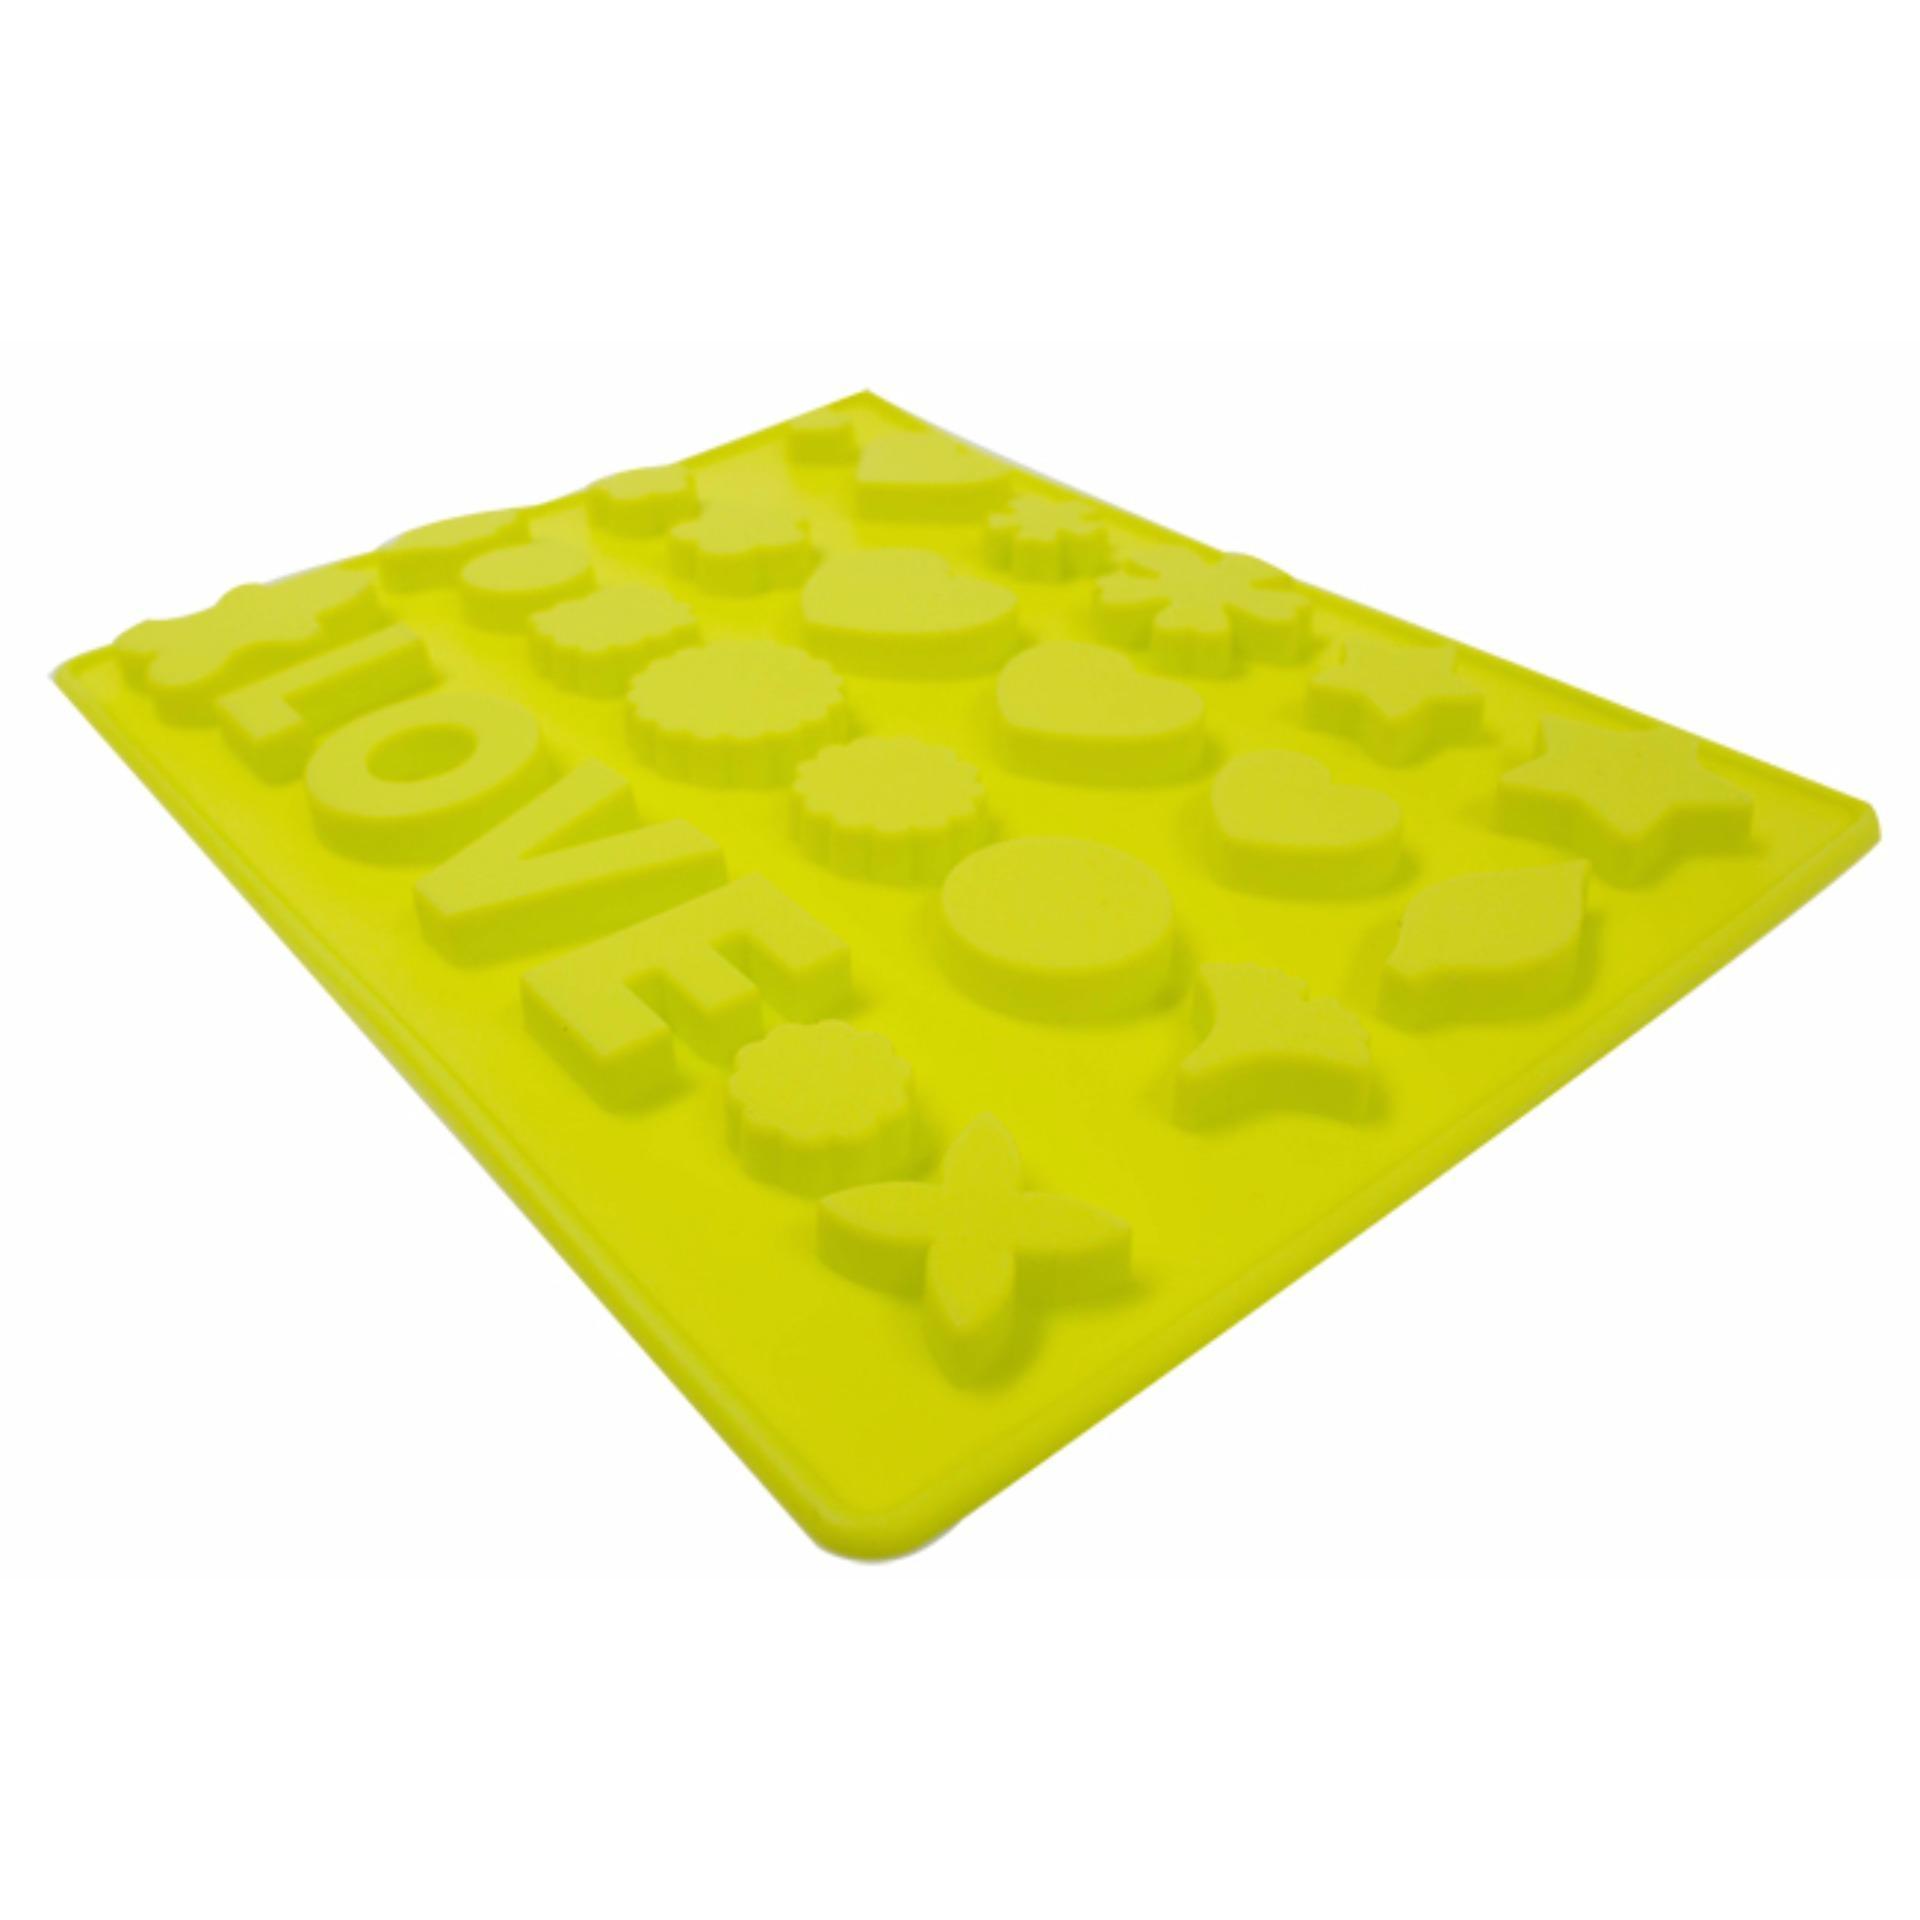 Khuông bánh SIlicon tạo hình - La Fonte - YY20399